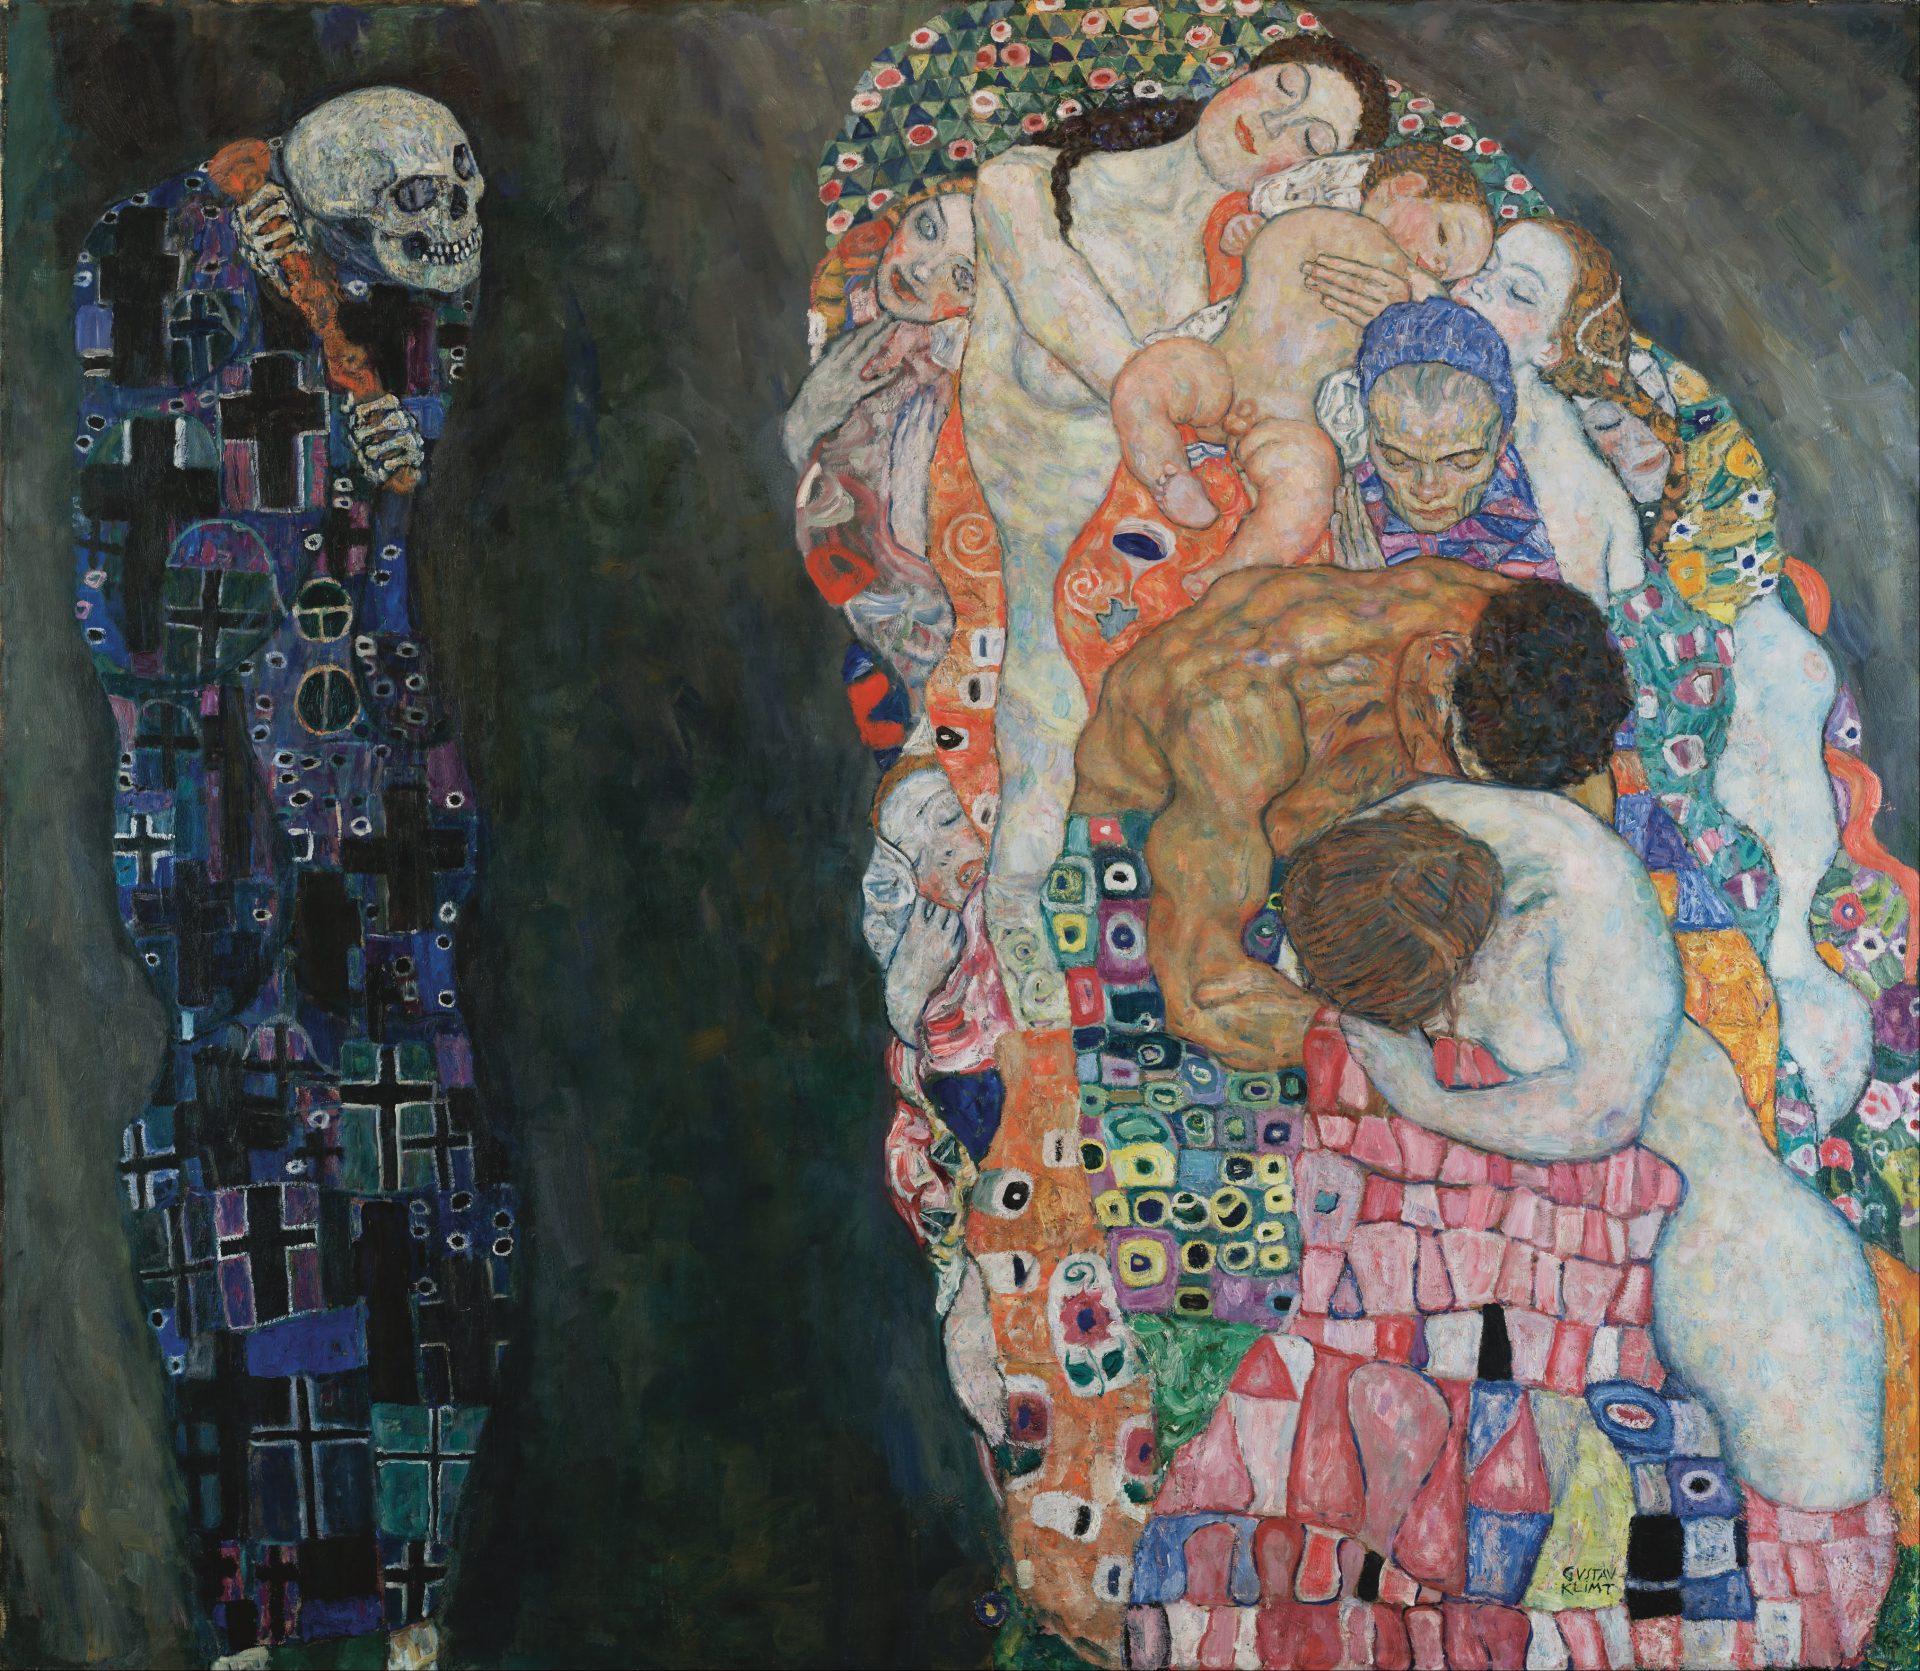 La Morte, a sinistra, vestita con un mantello blu dalla fantasia geometrica, osserva il gruppo di figure a destra composto di donne, un bambino ed un uomo. Lo sfondo scuro e i colori della Morte contrastano con i colori accesi del gruppo di persone.